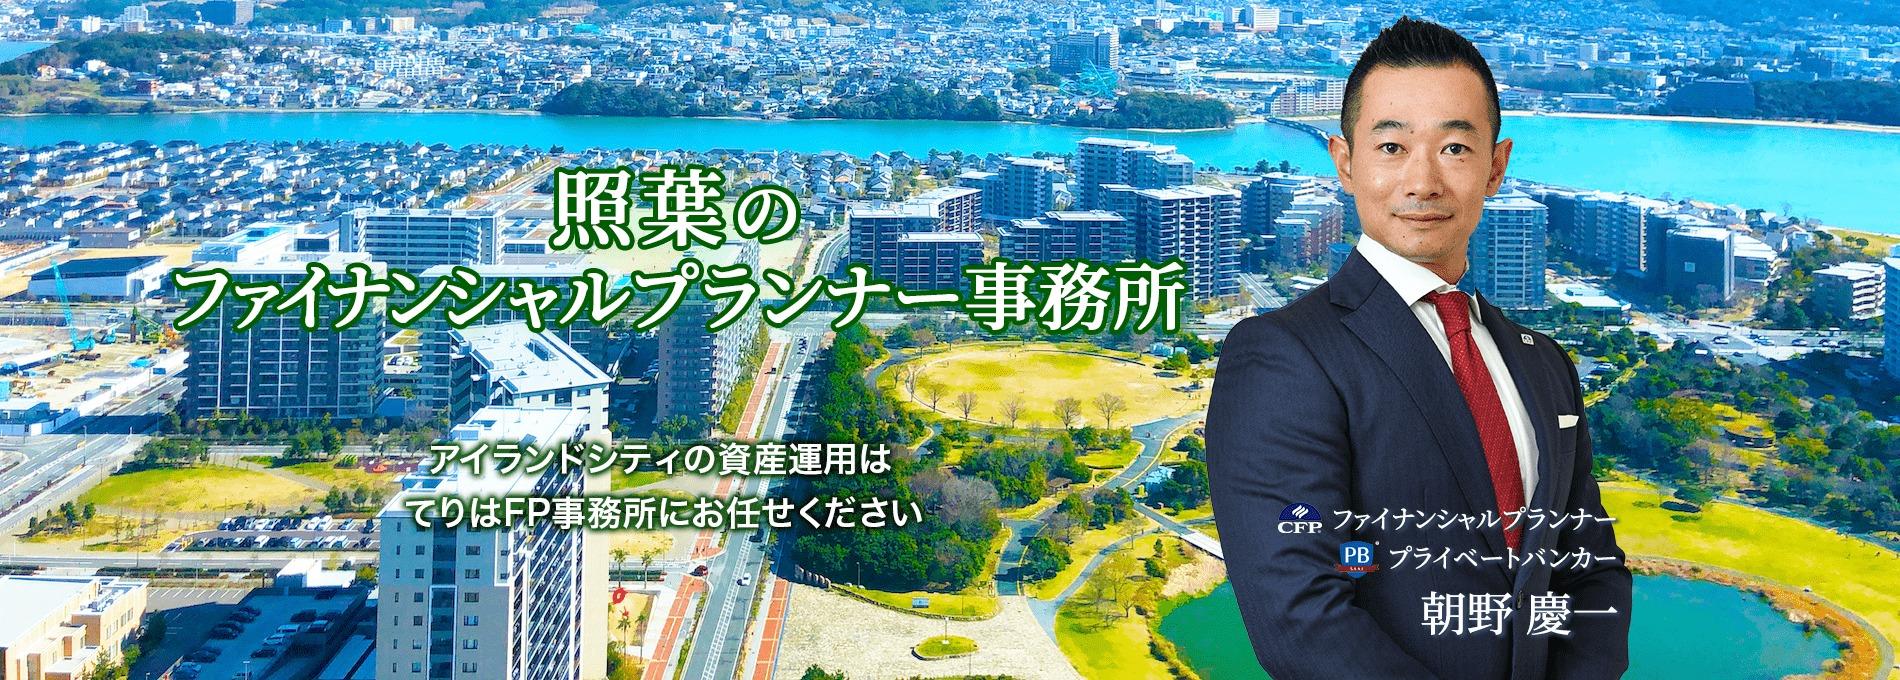 福岡照葉のファイナンシャルプランナー事務所-アイランドシティの資産運用はてりはFP事務所にお任せください